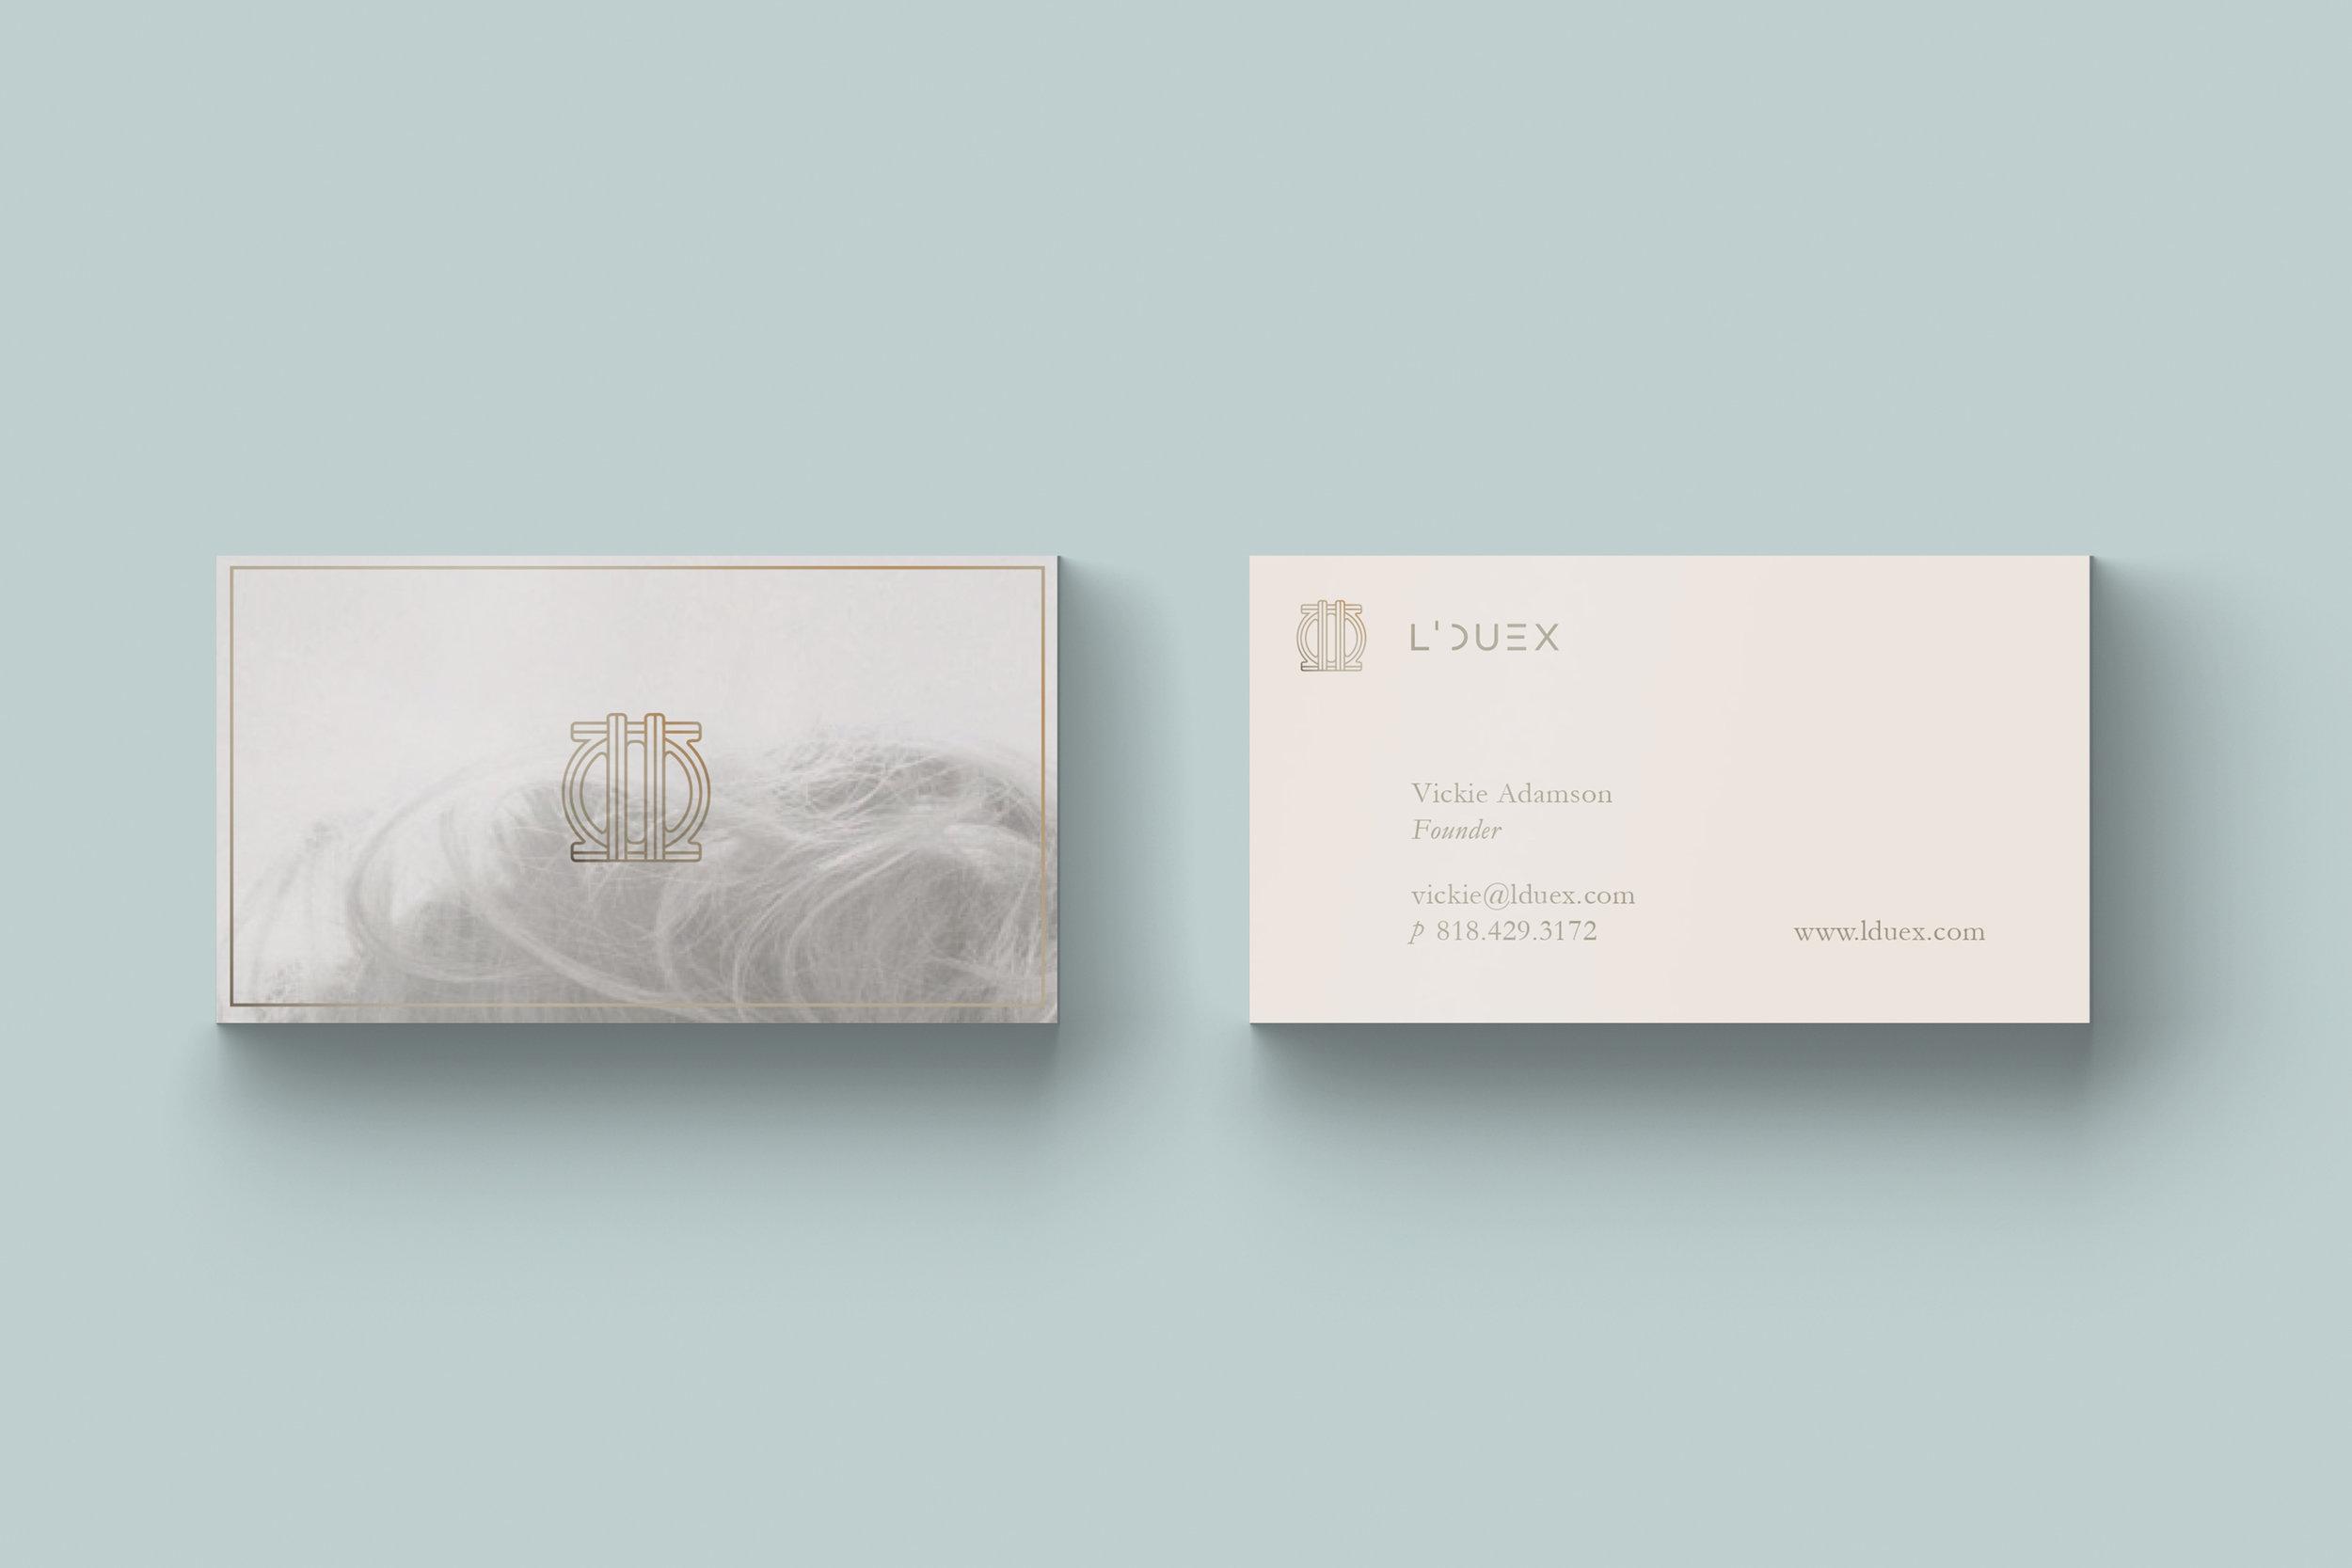 lduex_card.jpg